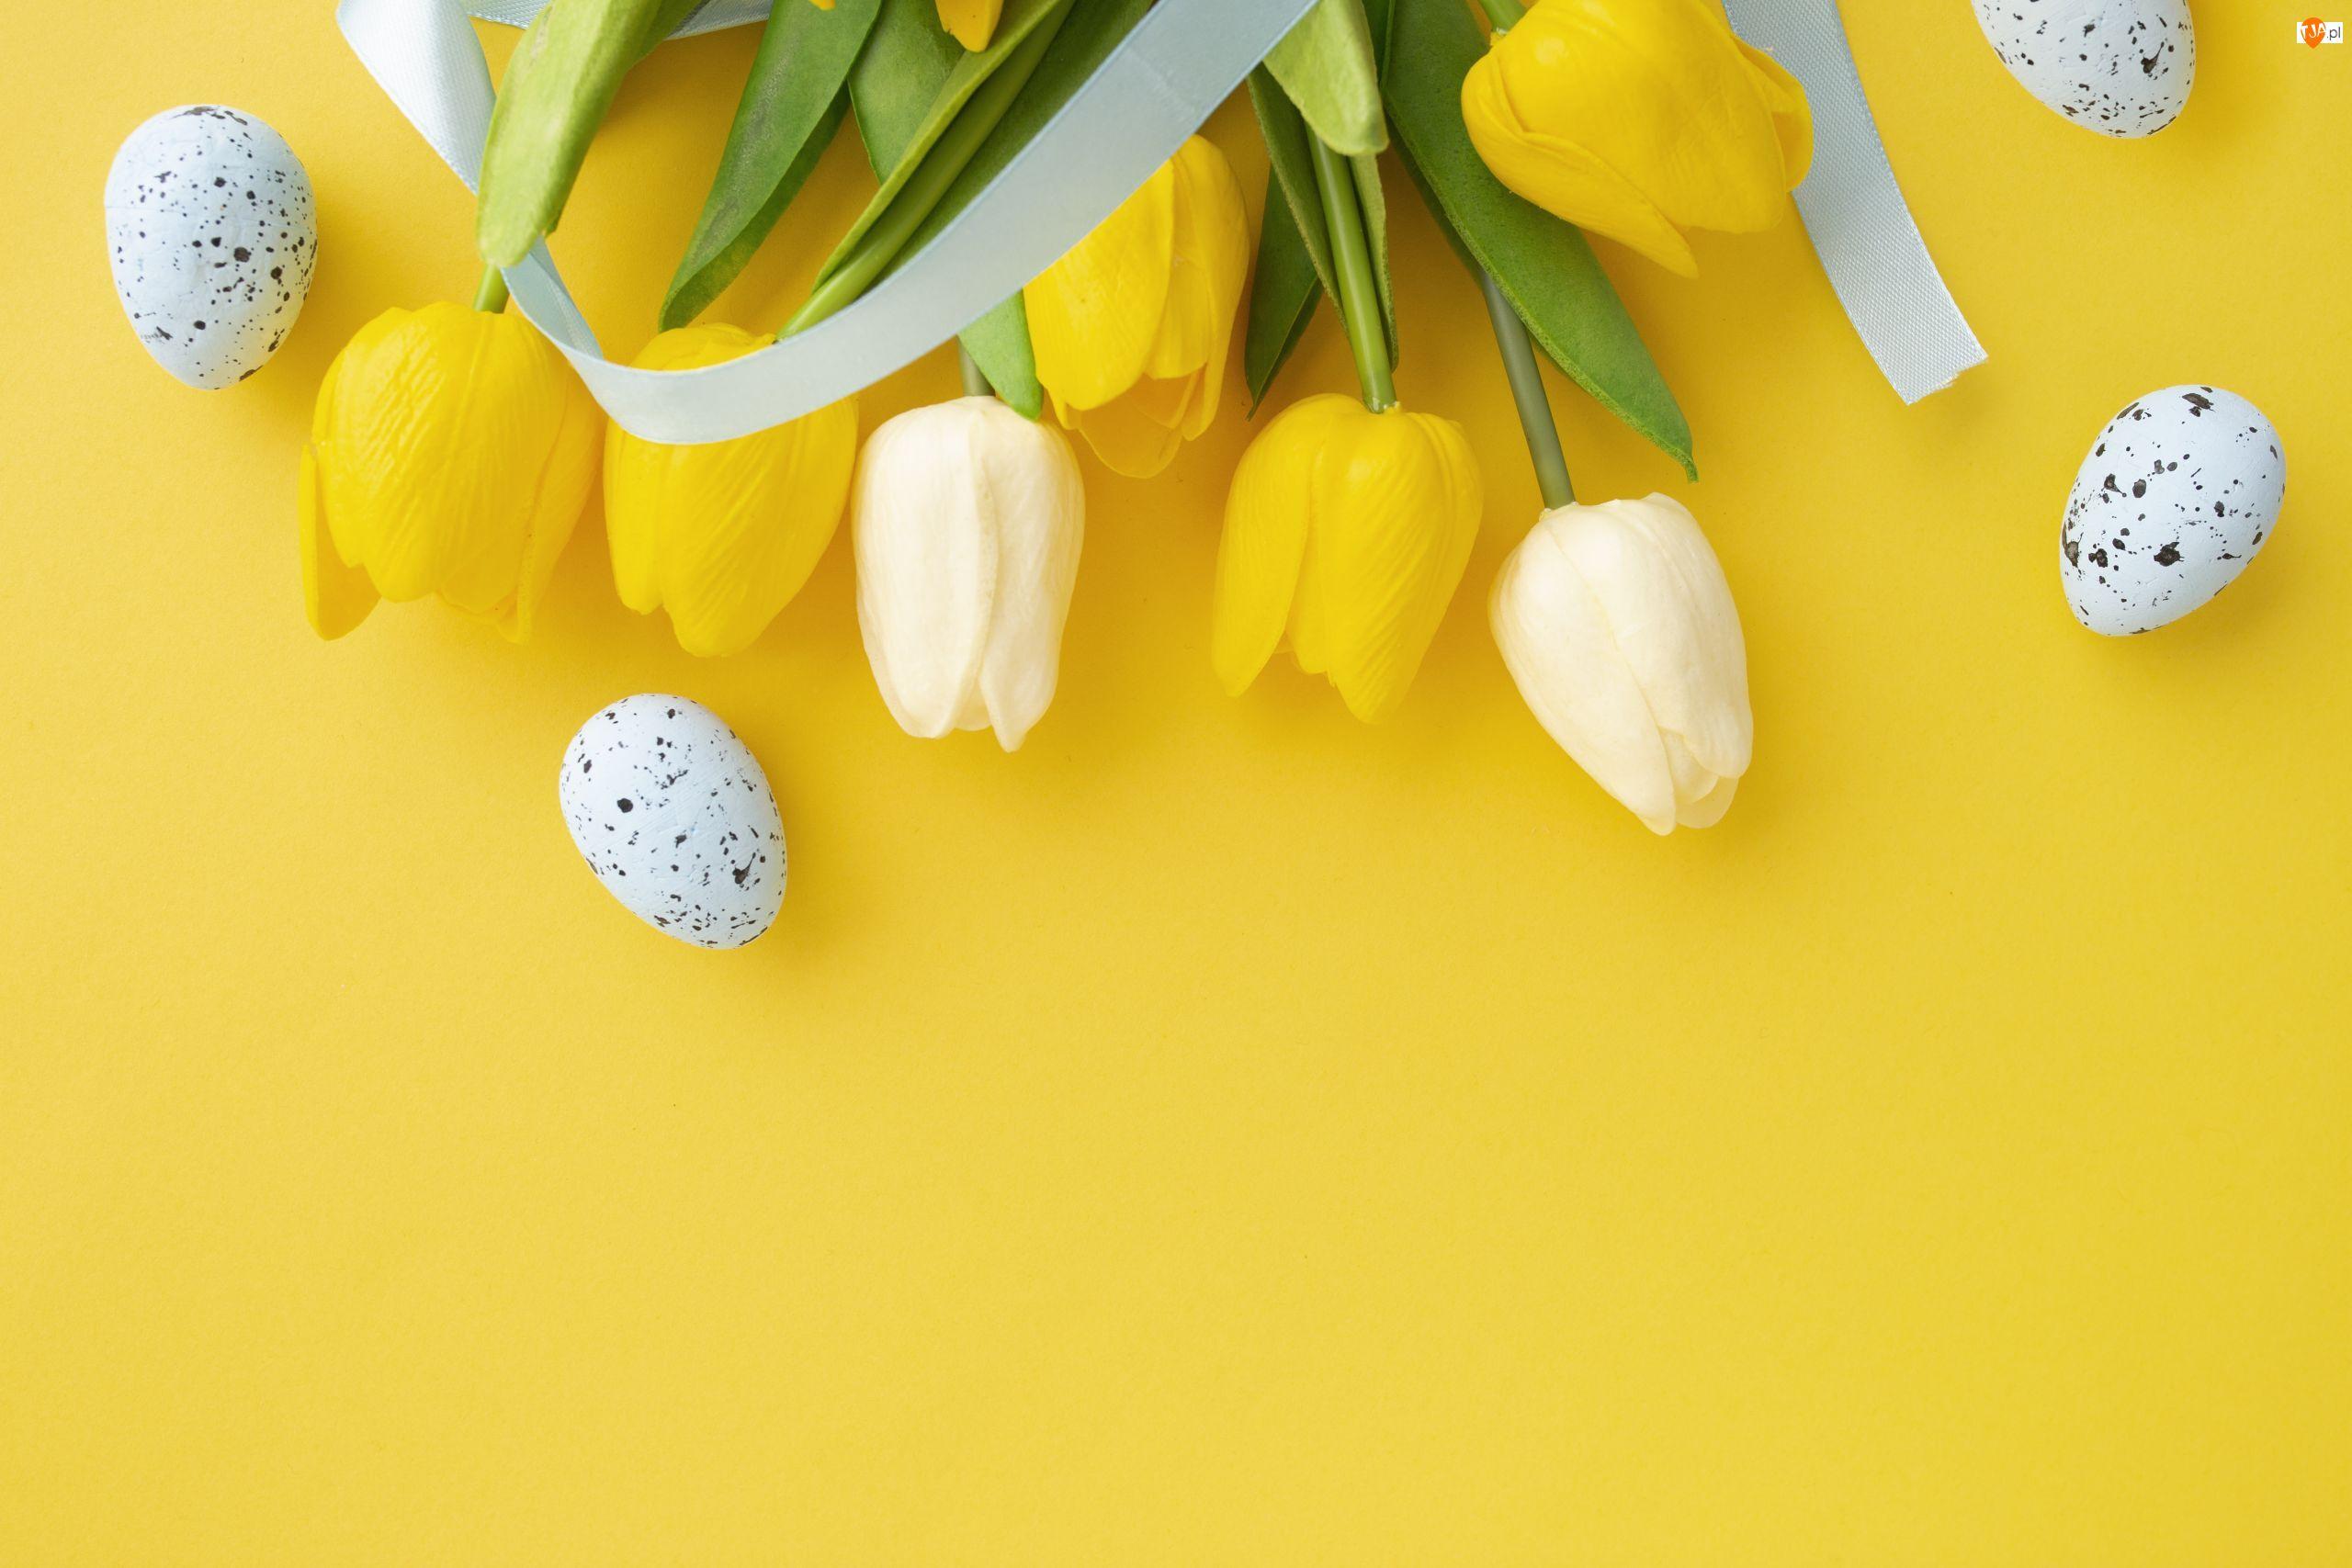 Wiosna, Kwiaty, Tło, Wielkanoc, Żółte, Jajeczka, Tulipany